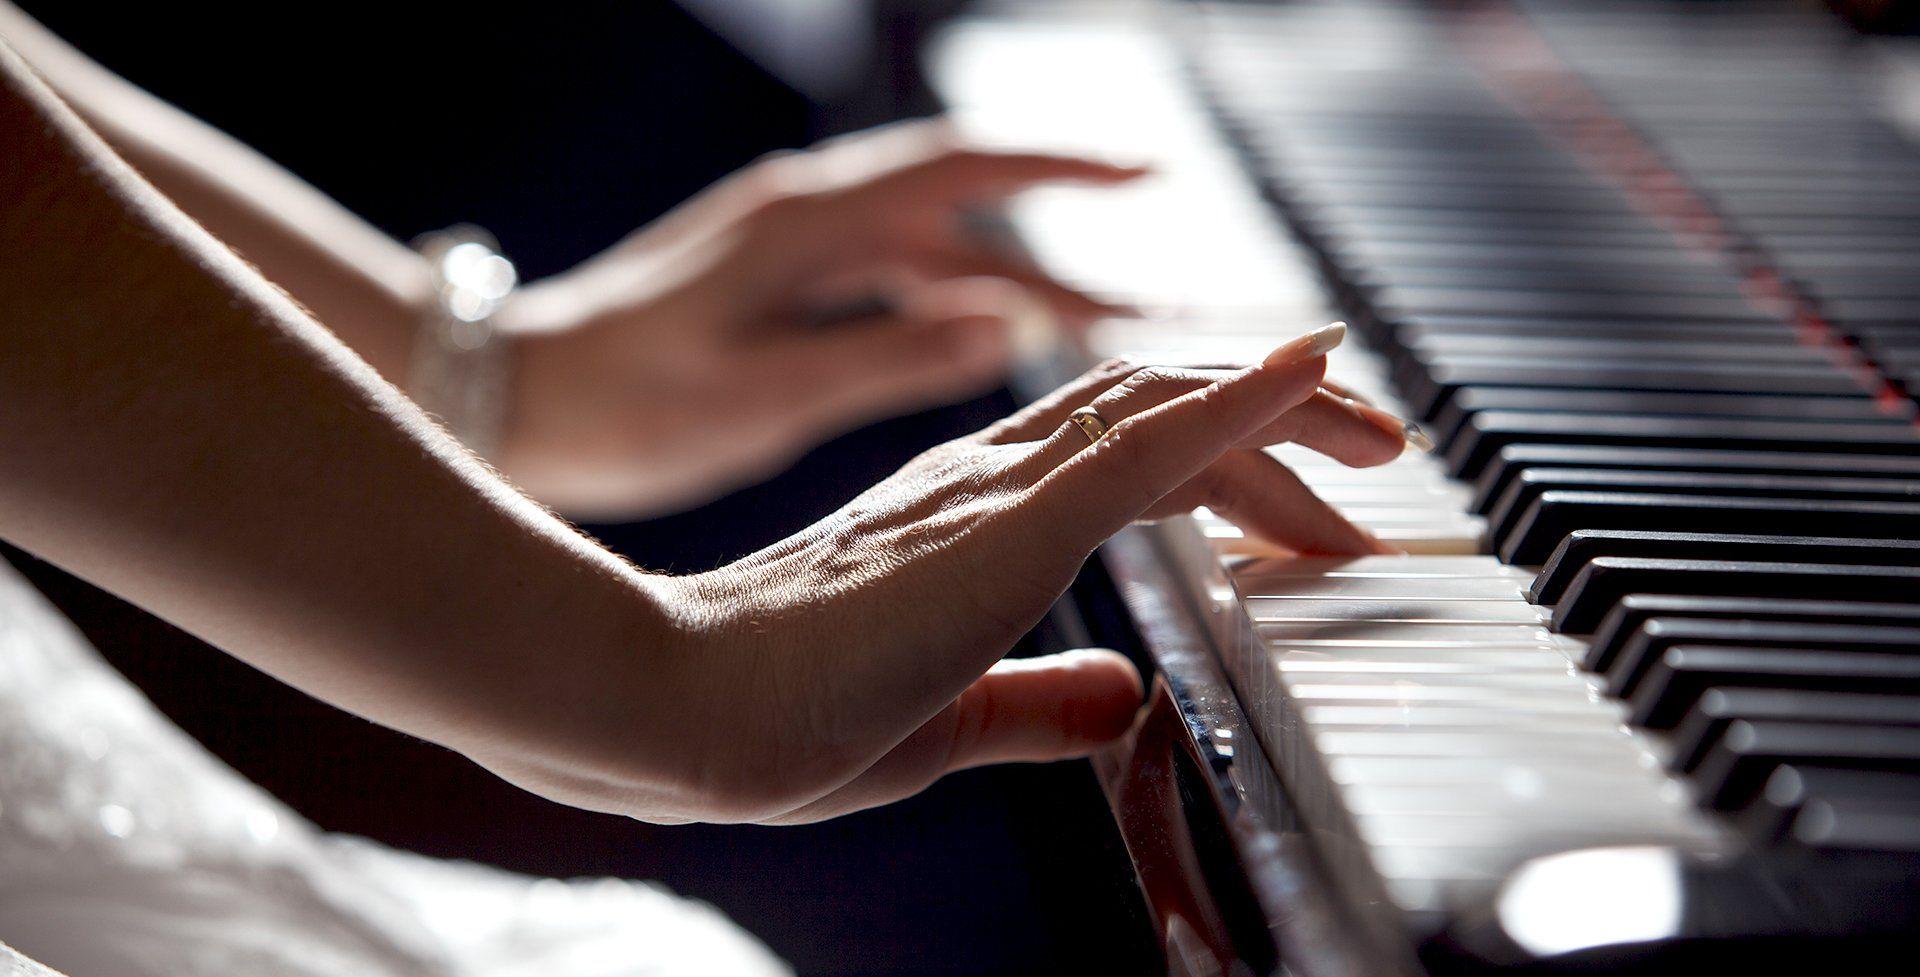 Школьница изЗавьялово получила электрическое пианино вподарок от лидераРФ